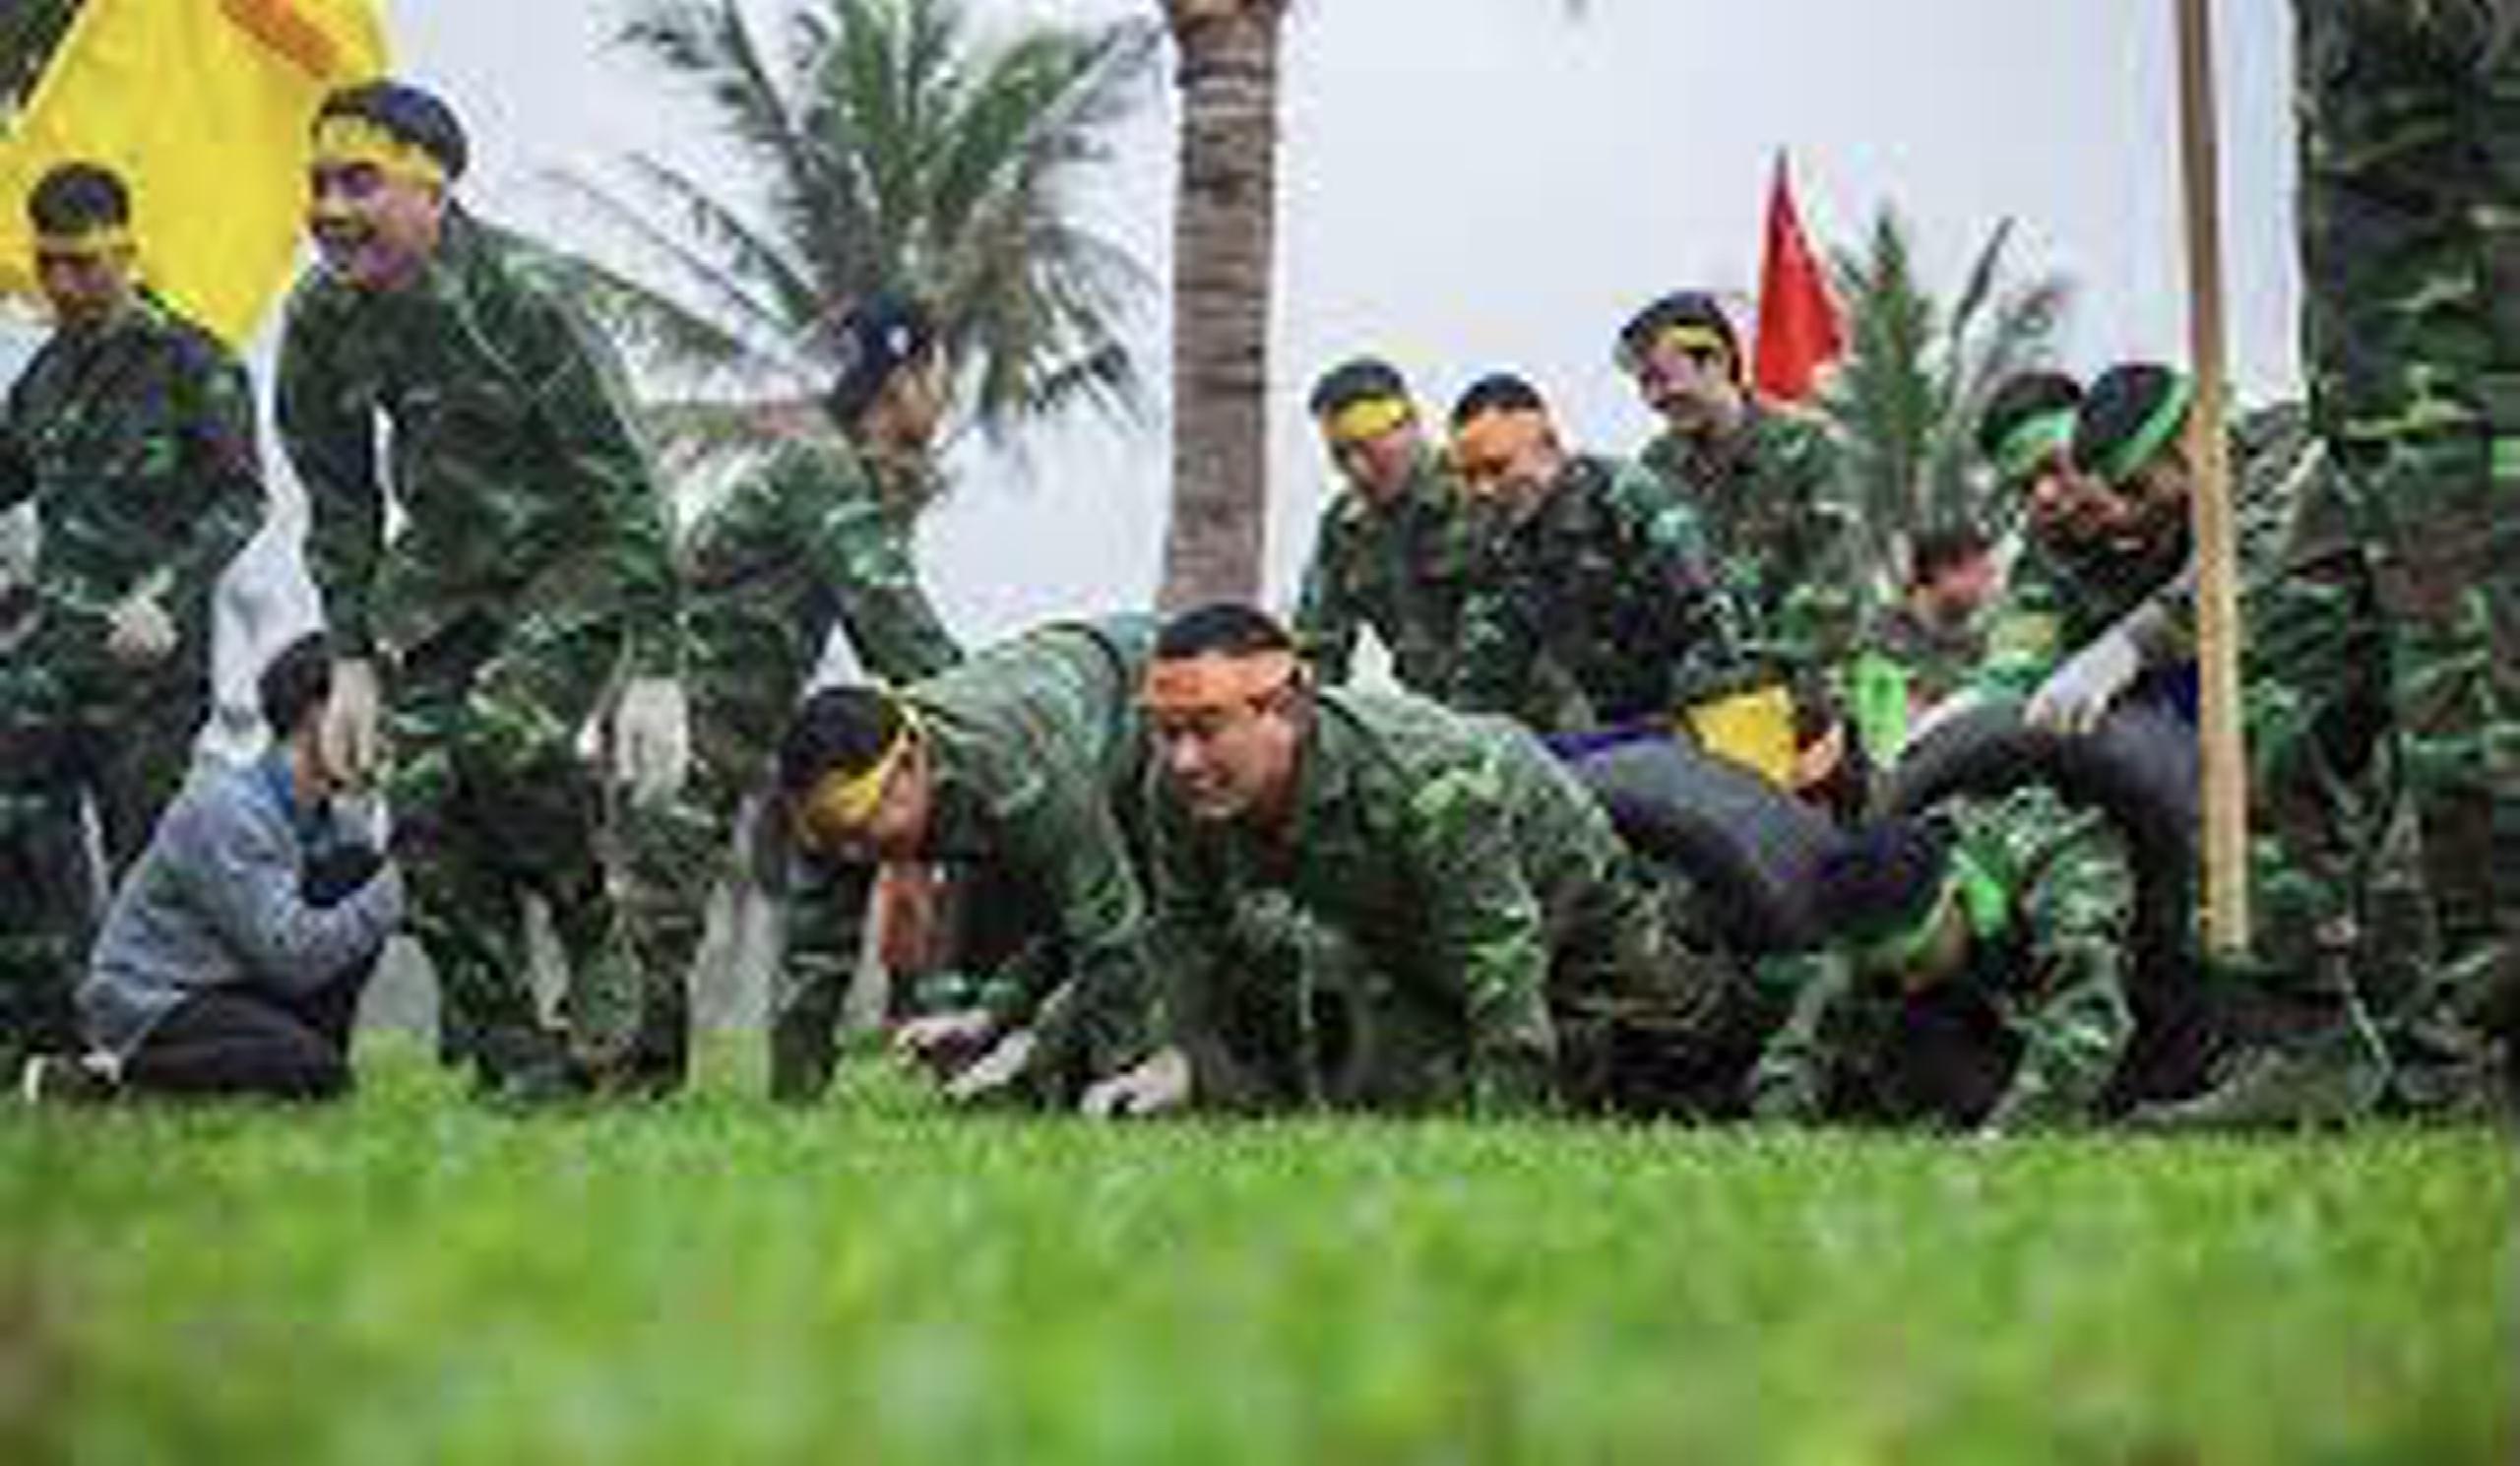 10 địa điểm tổ chức teambuilding quân đội ở gần Hà Nội